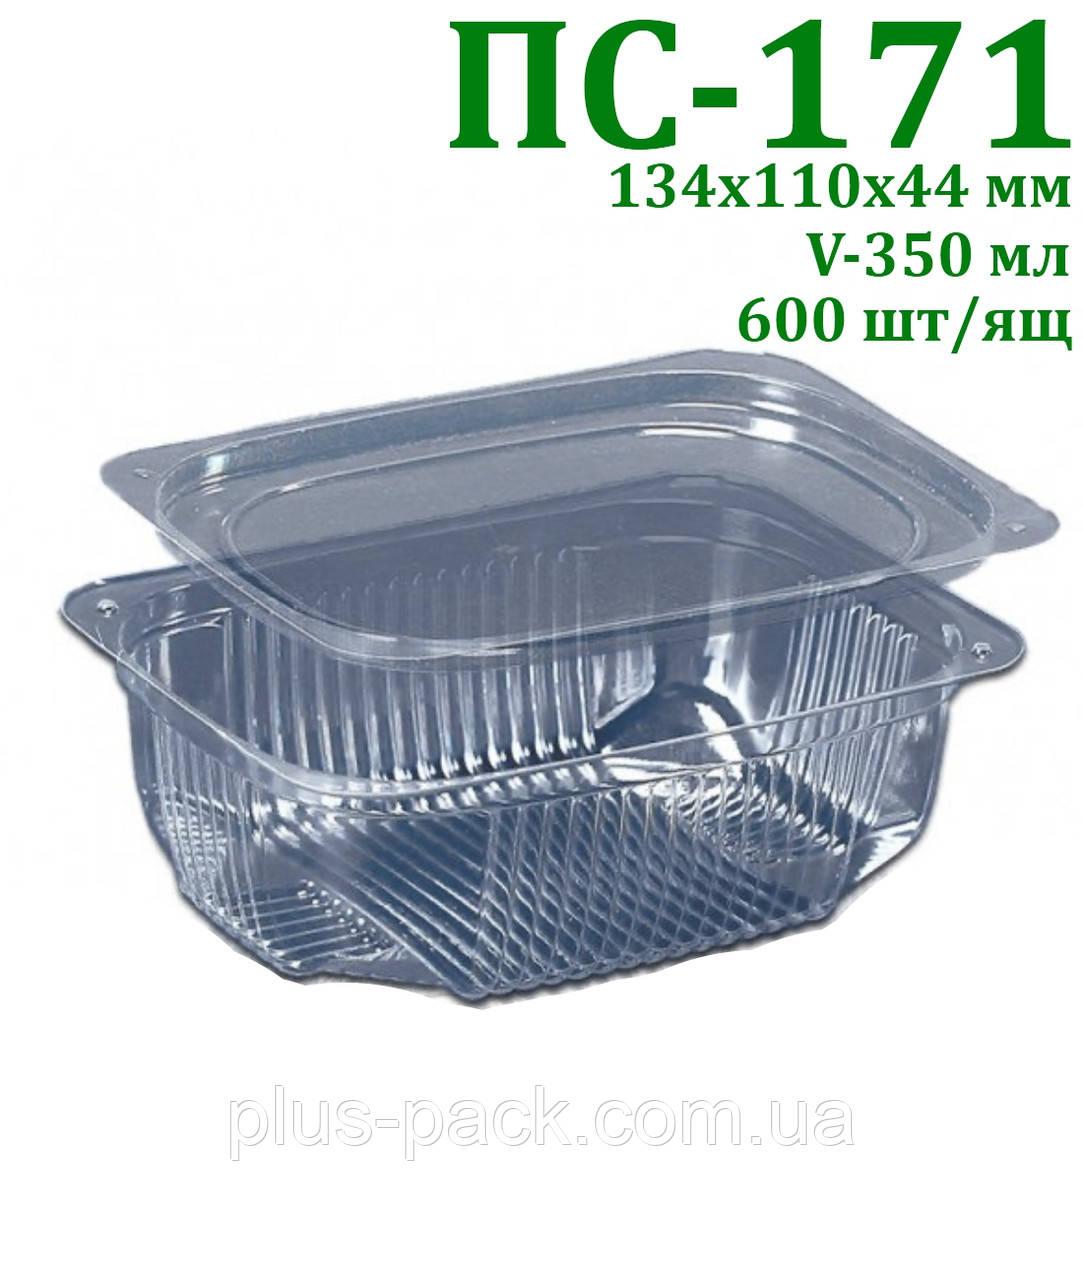 Упаковка для салатов и полуфабрикатов (350 мл), одноразовая, 600шт/ящ